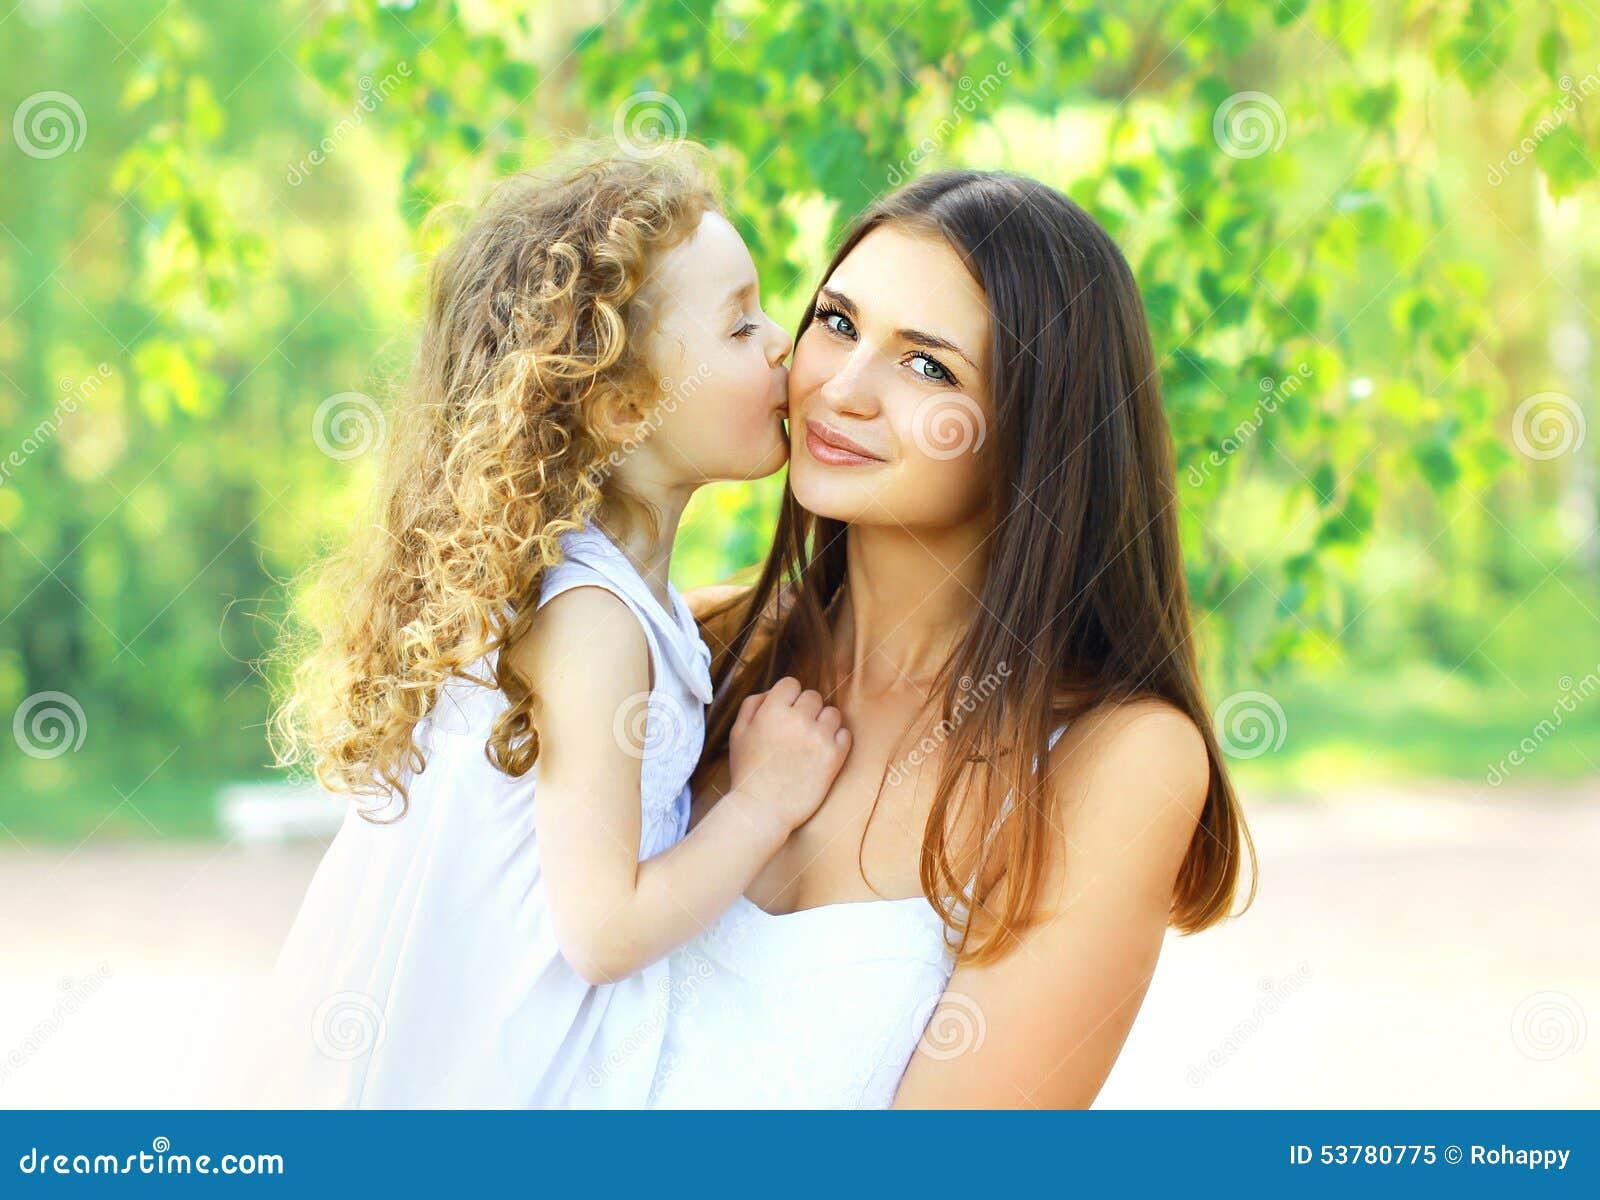 Figlia amorosa che bacia madre, giovane mamma felice e bambino nel giorno di estate soleggiato caldo sulla natura